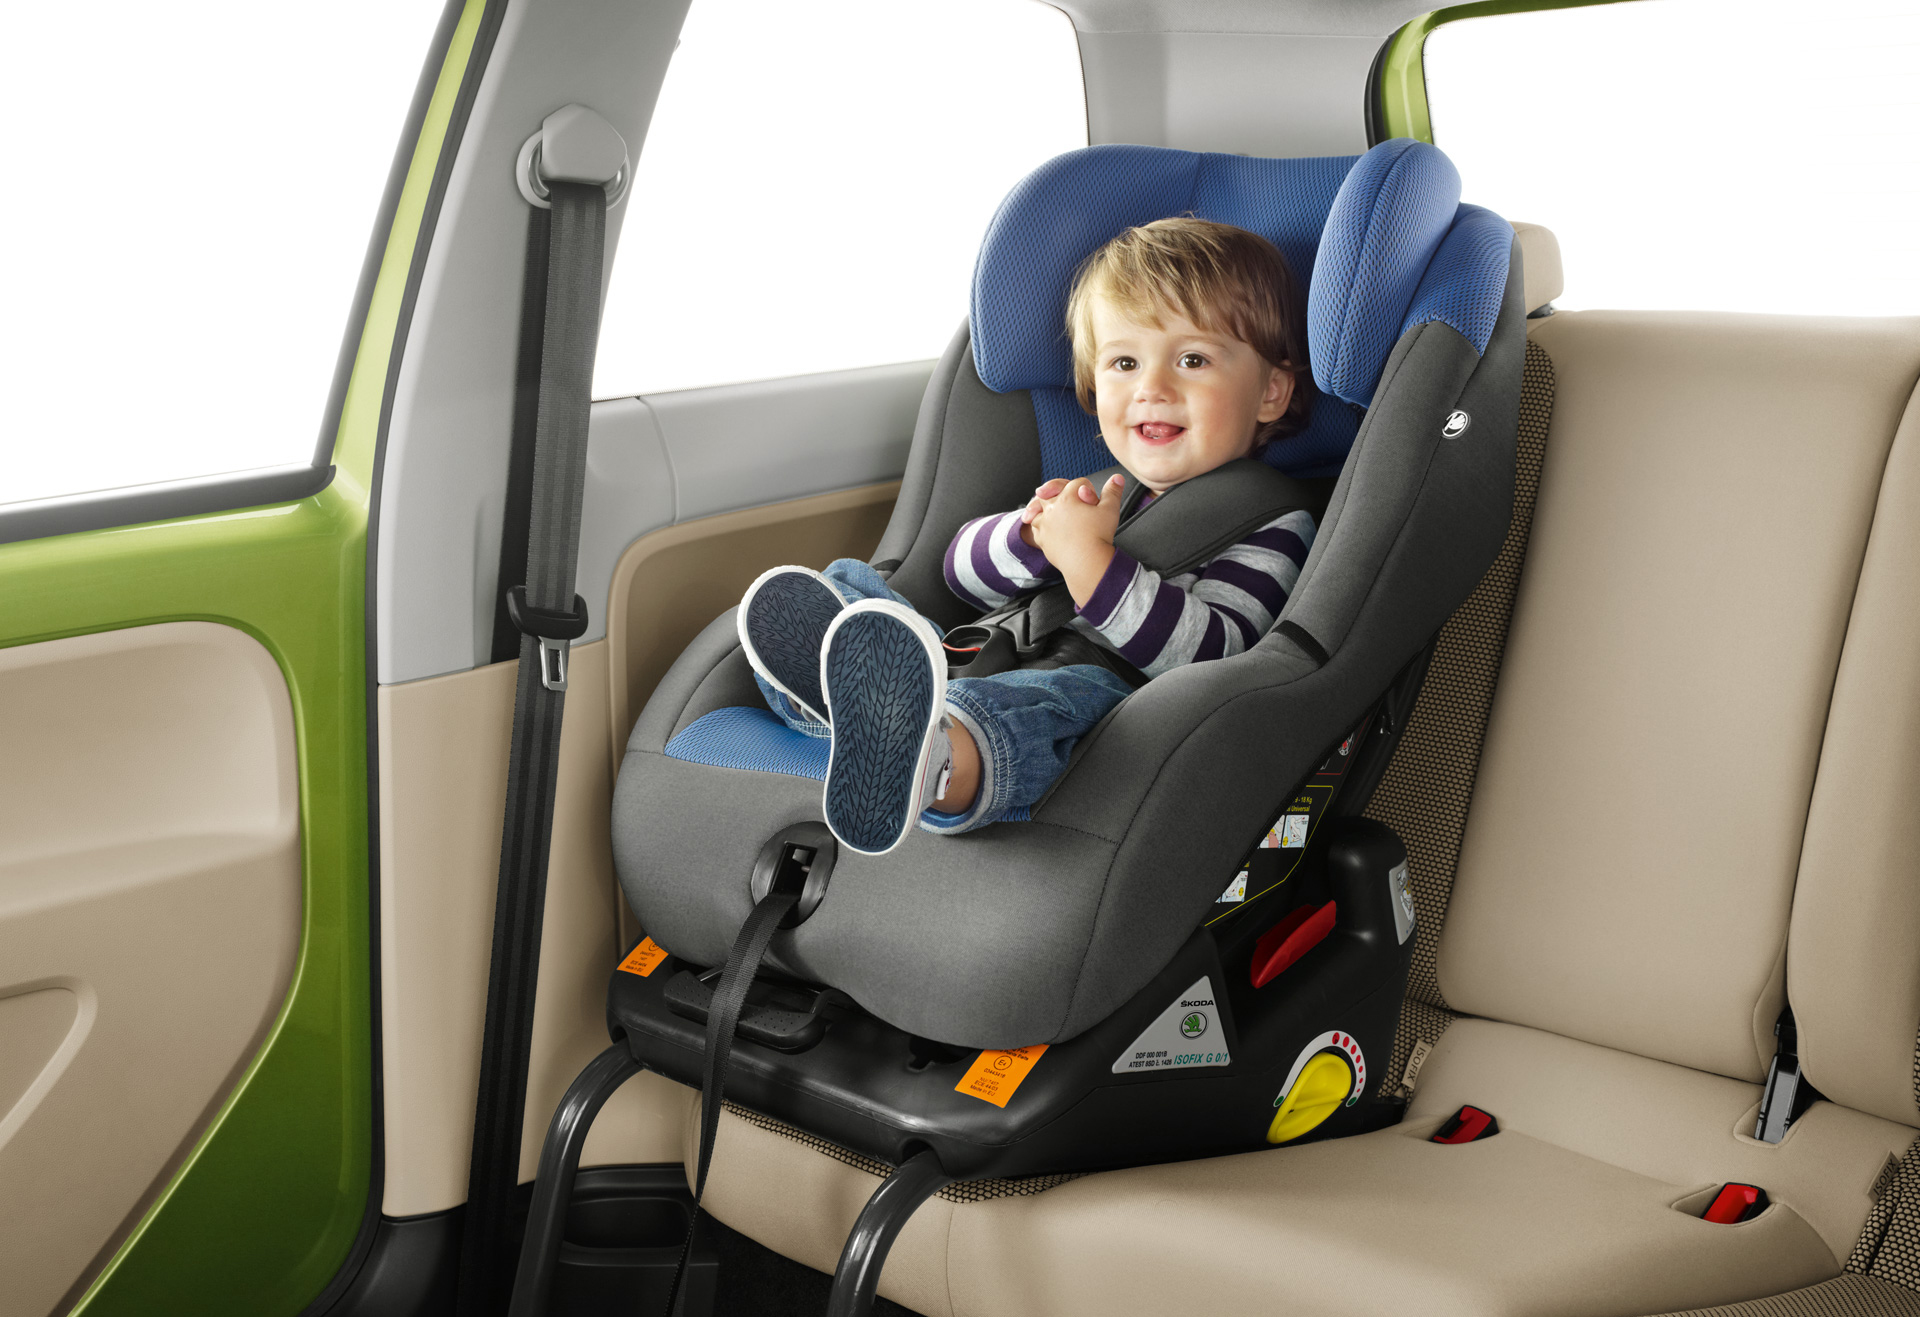 Покупка детского автокресла – залог безопасности ребенка и спокойствия водителя